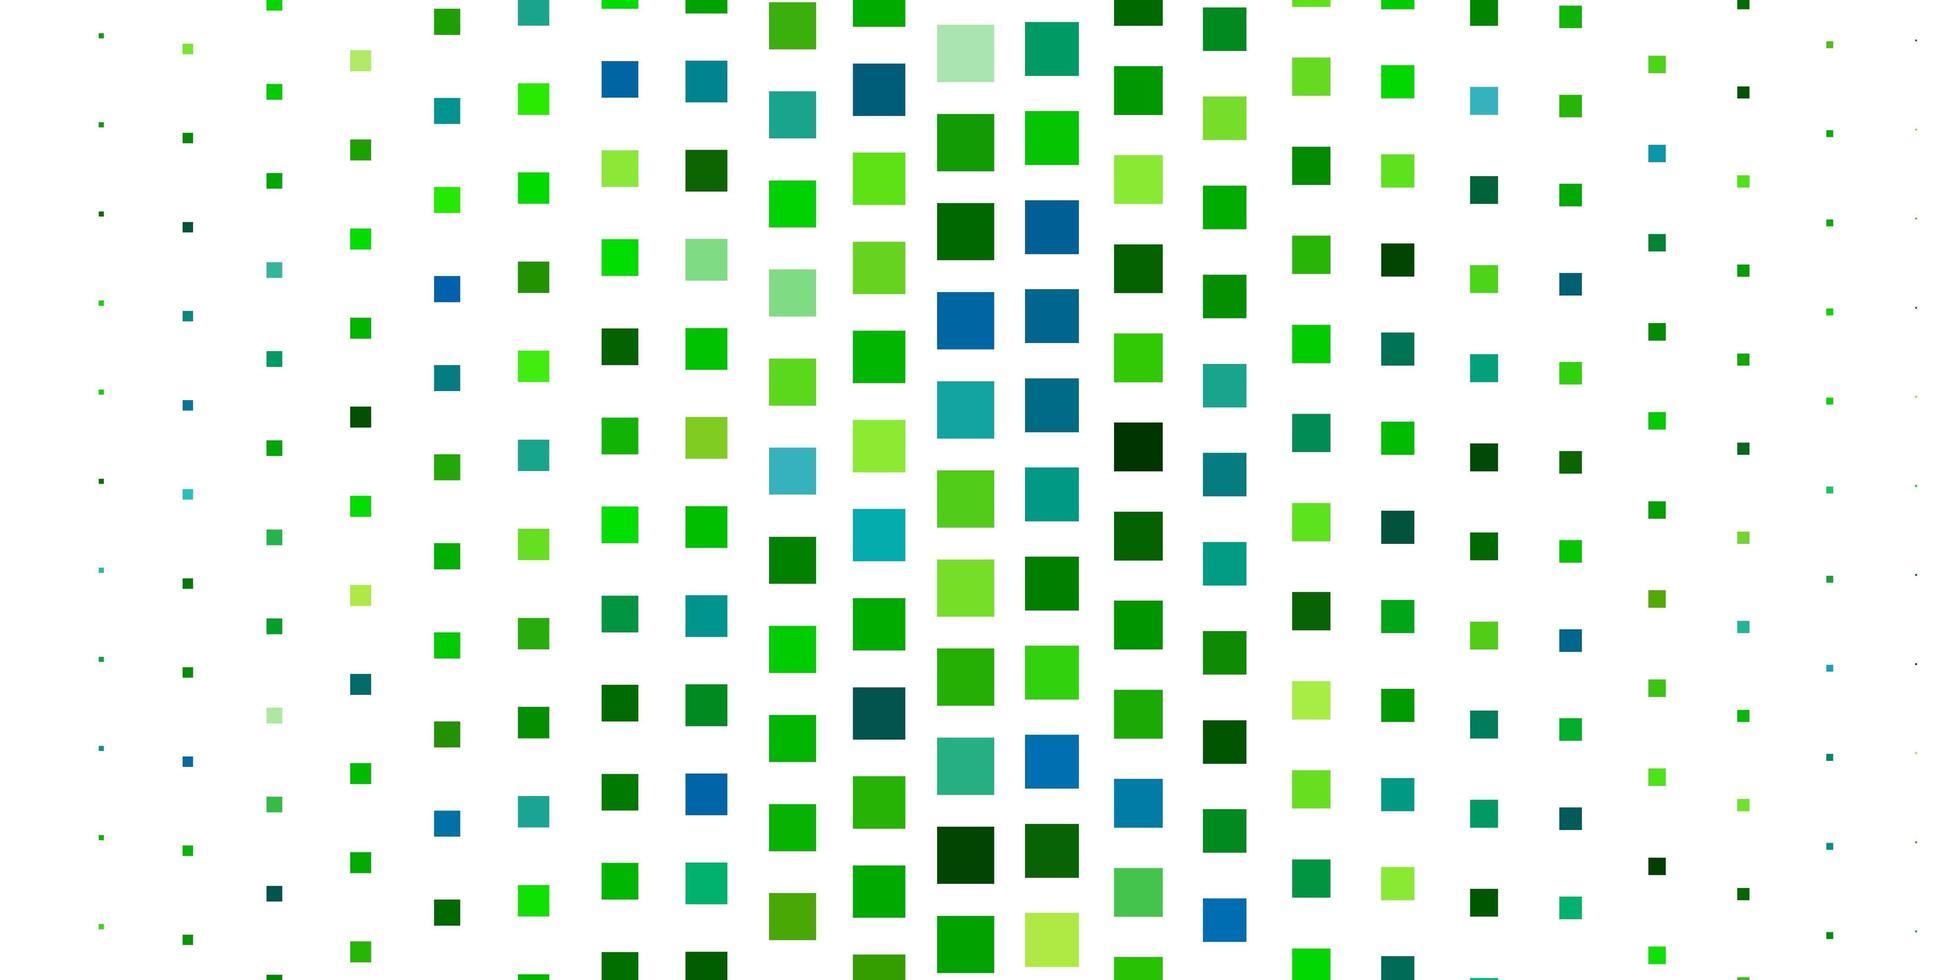 layout verde com linhas, retângulos. vetor